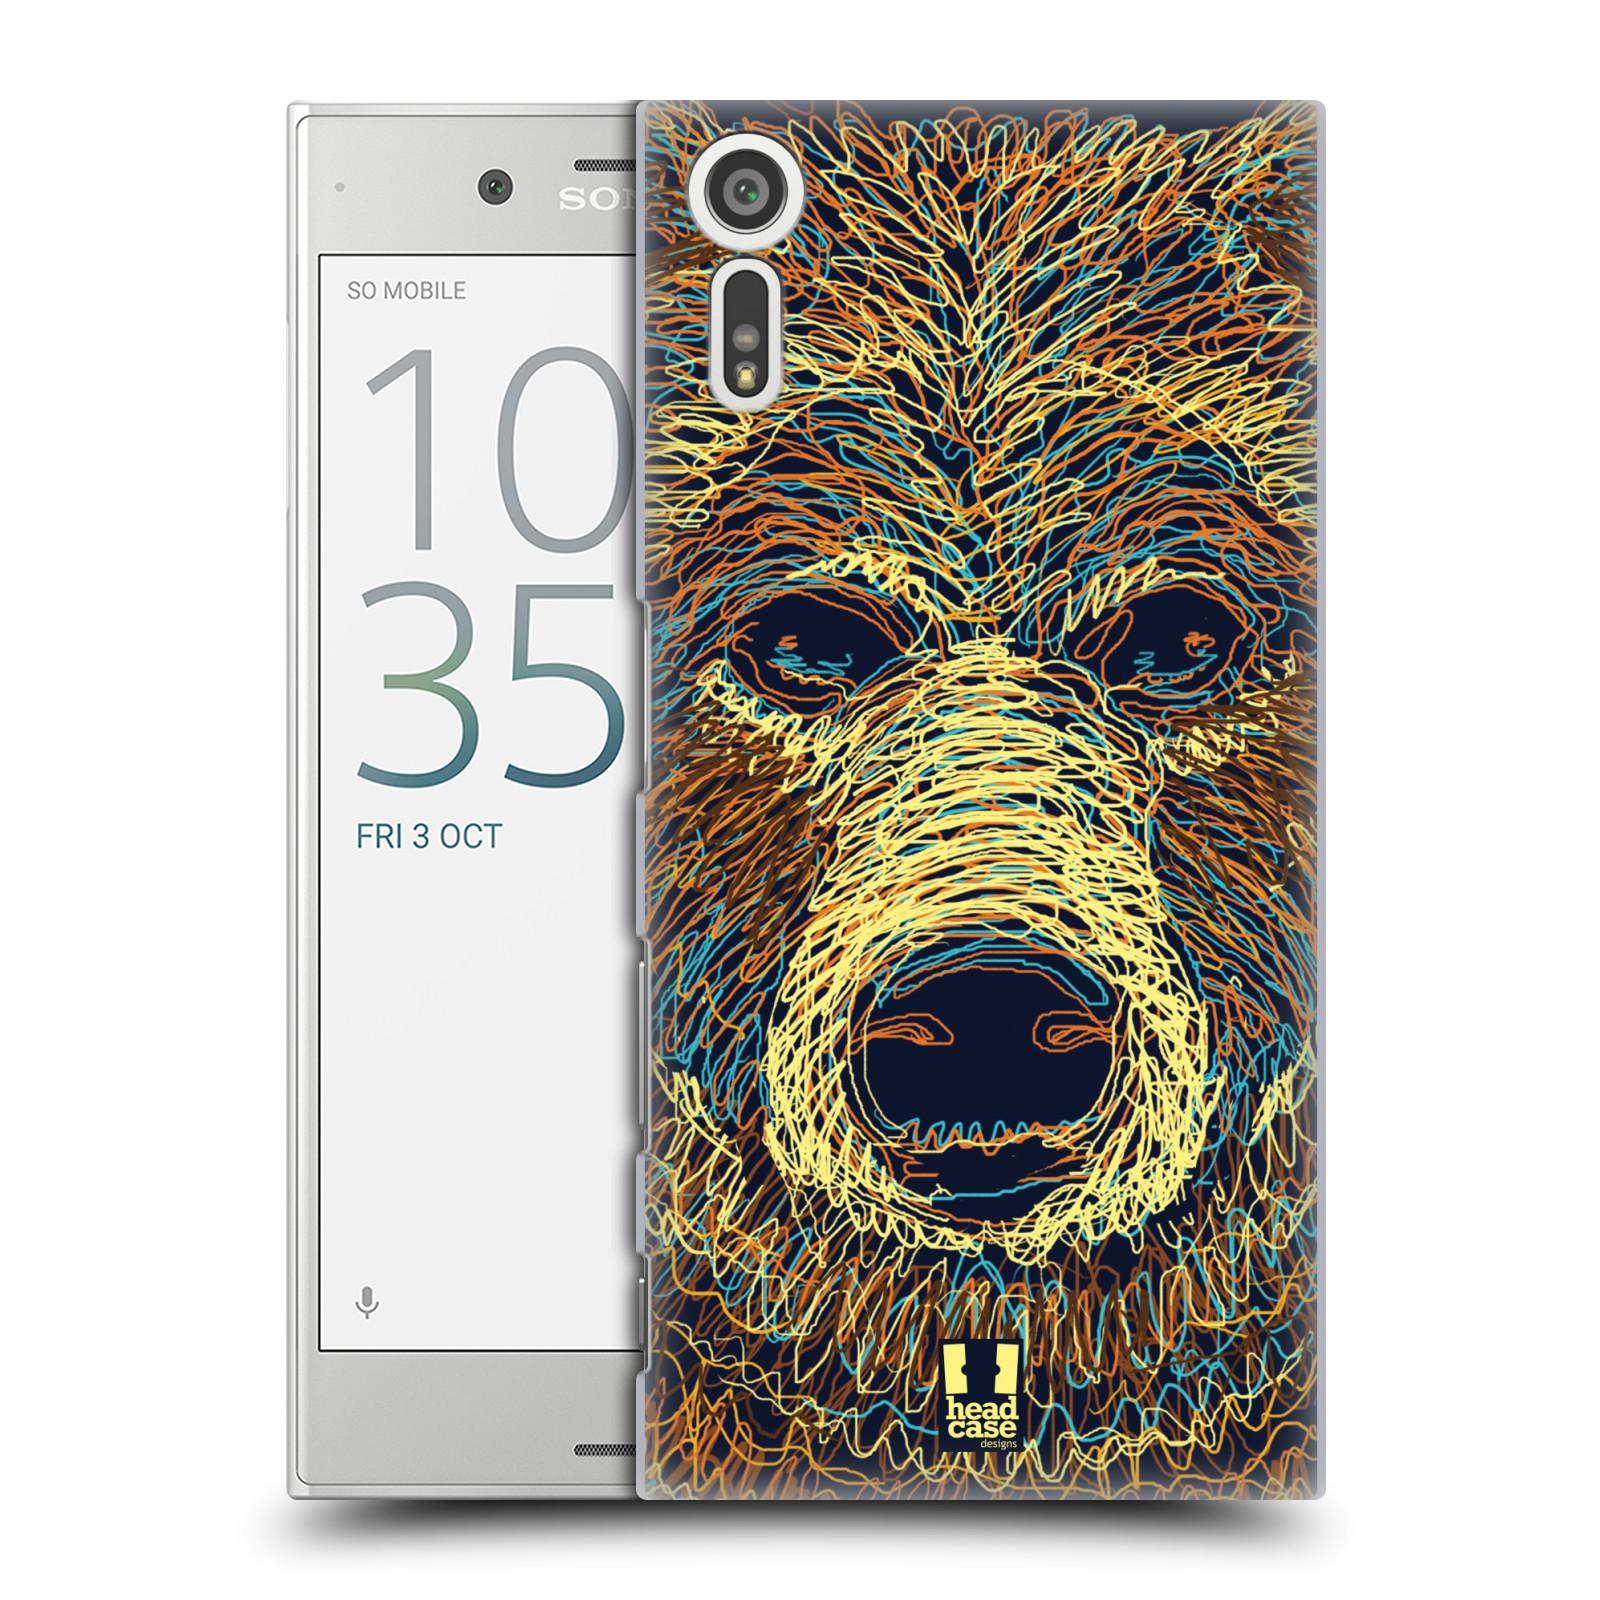 HEAD CASE plastový obal na mobil Sony Xperia XZ vzor zvíře čmáranice medvěd